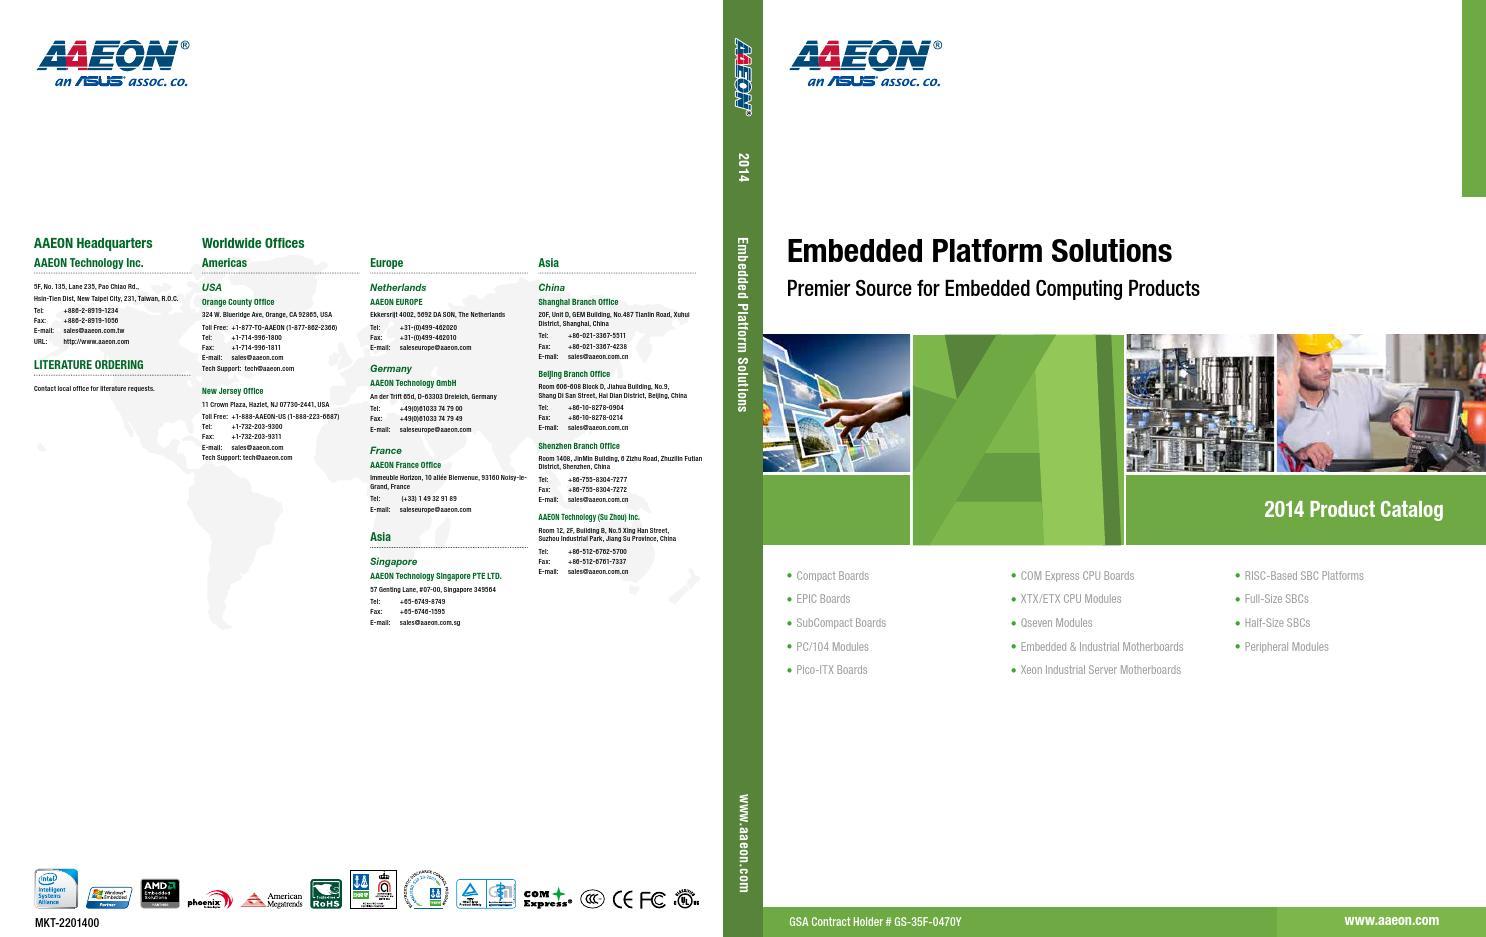 AAEON 2014 Catalog Boards by AAEON - issuu